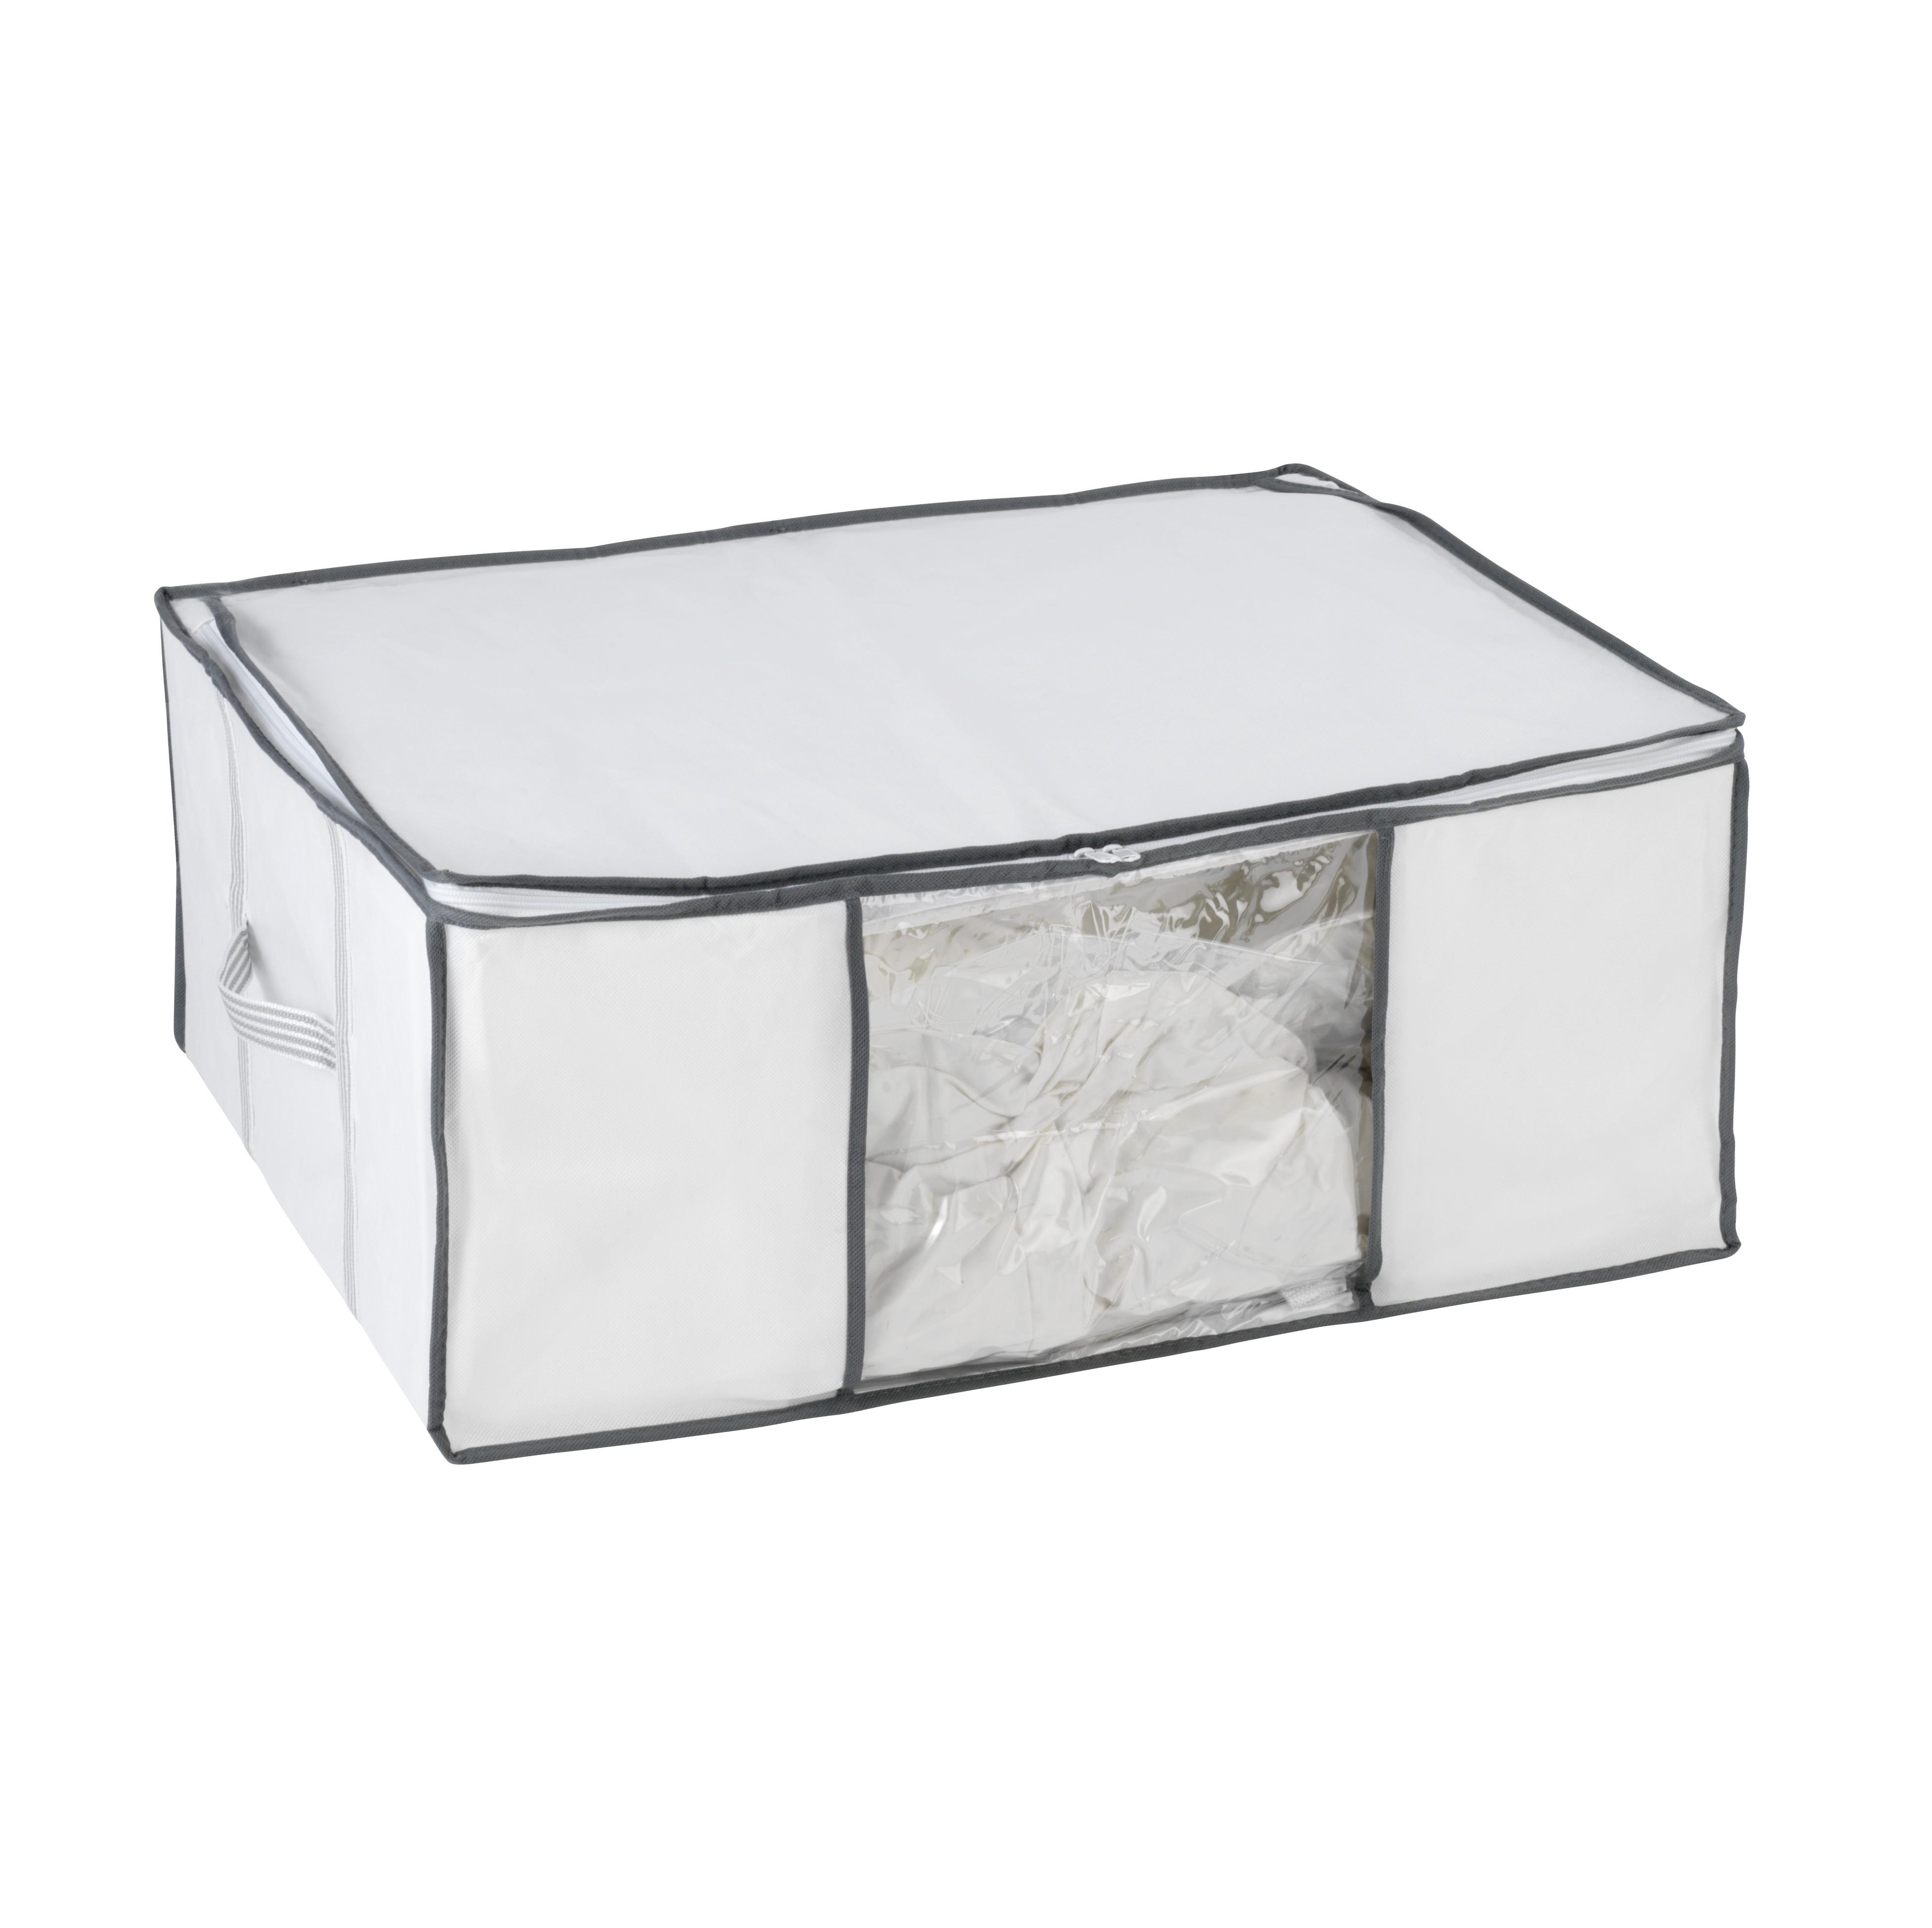 Vakuum-Box Soft Kampos III